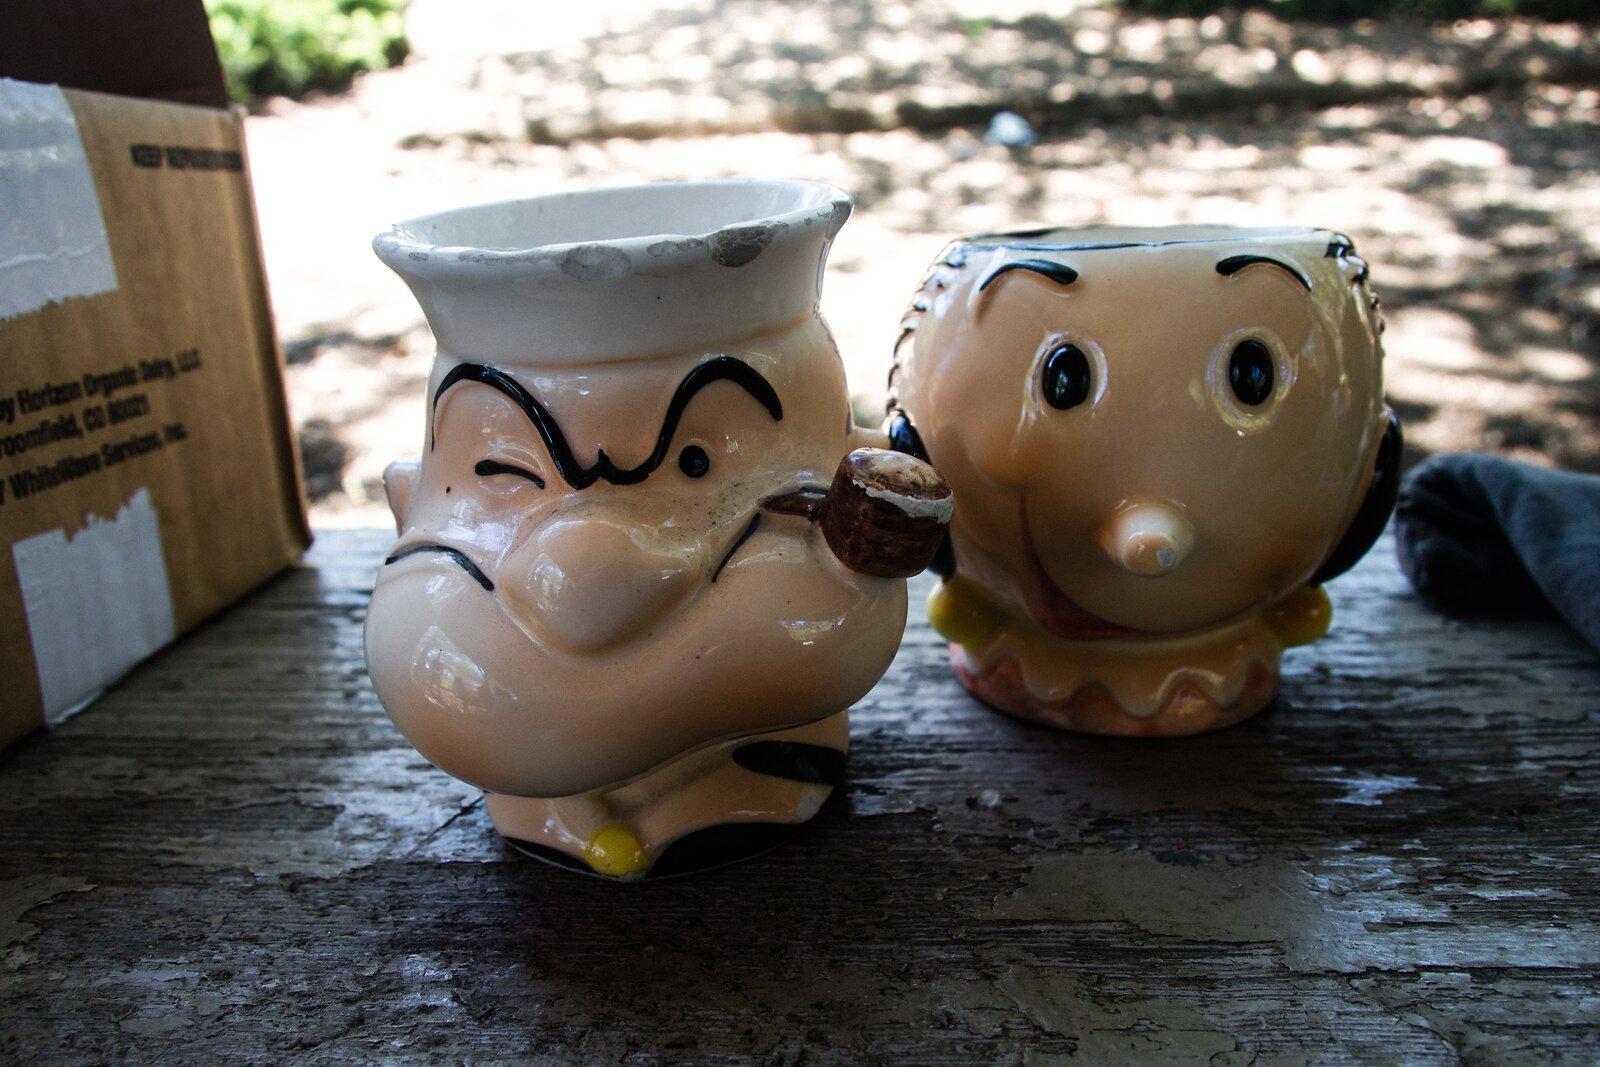 G1x_Jun19_Popeye&OliveOyl.jpg